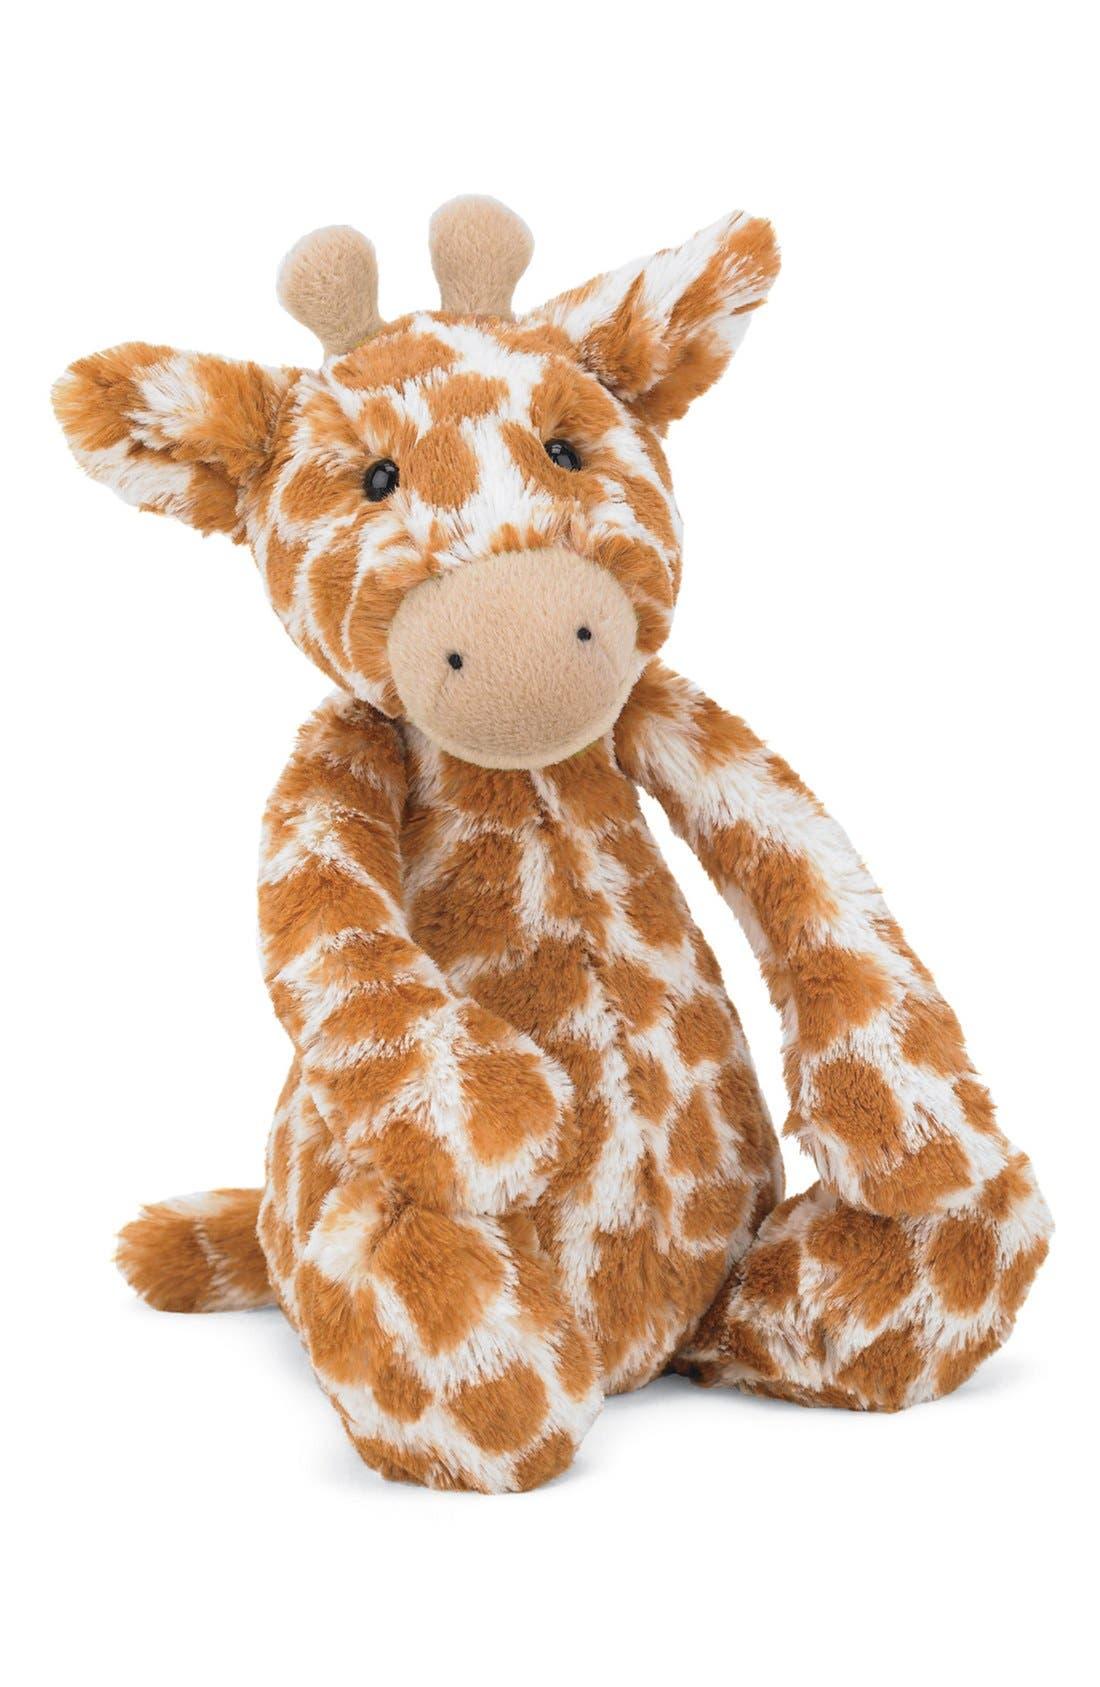 Alternate Image 1 Selected - Jellycat Bashful Giraffe Stuffed Animal